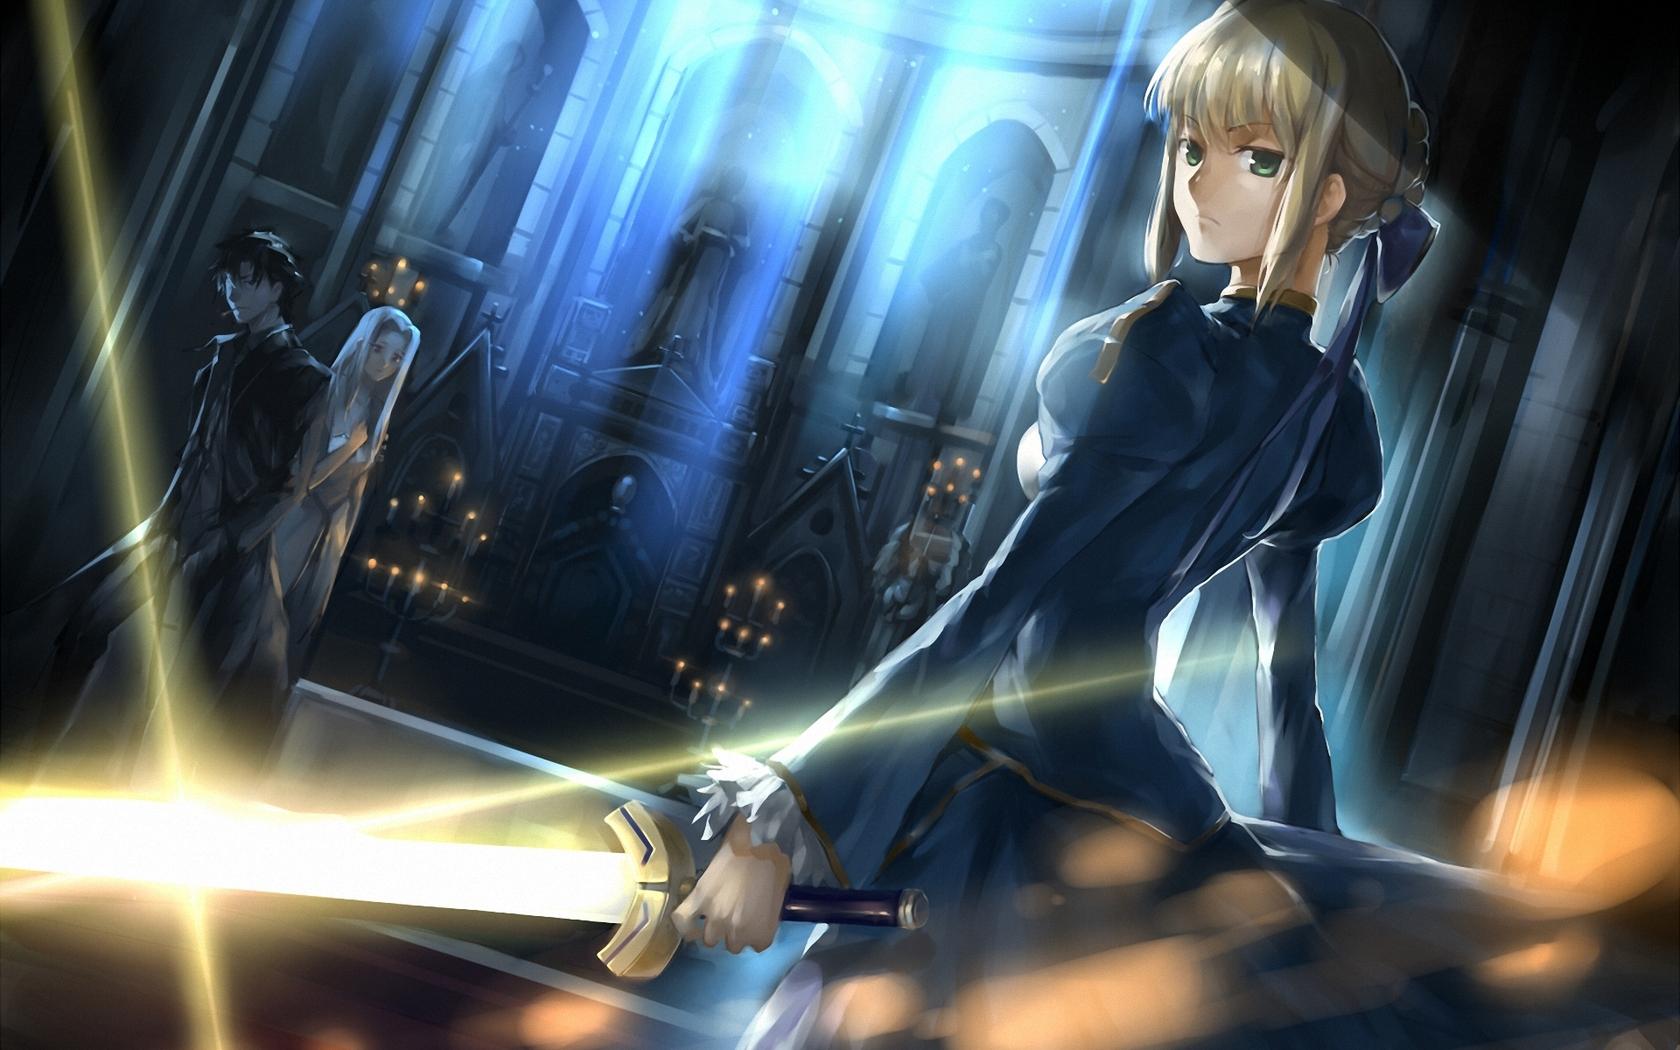 Fate Zero Saber Wallpaper hd Fate Zero Stay Night Saber 1680x1050